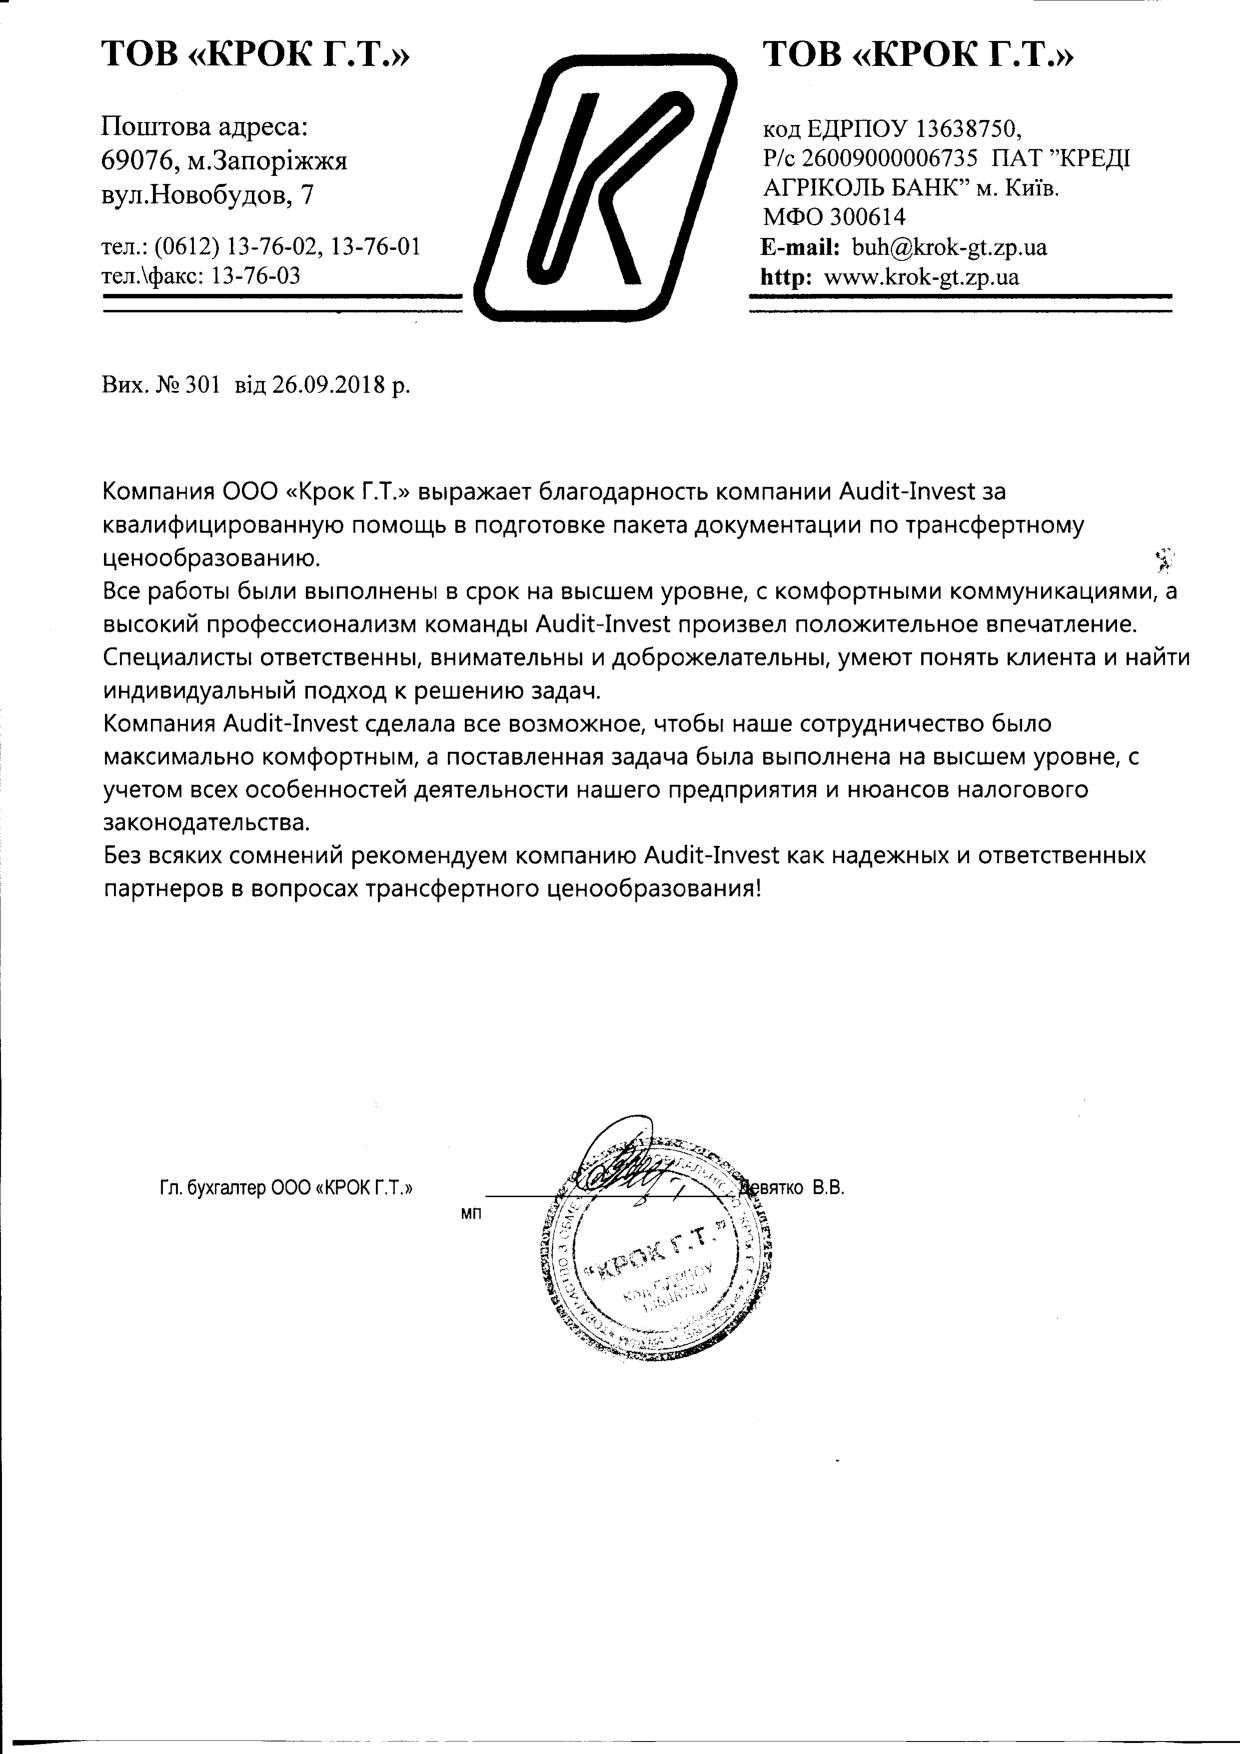 Договор на бухгалтерское обслуживание главный бухгалтер документооборот в бухгалтерии